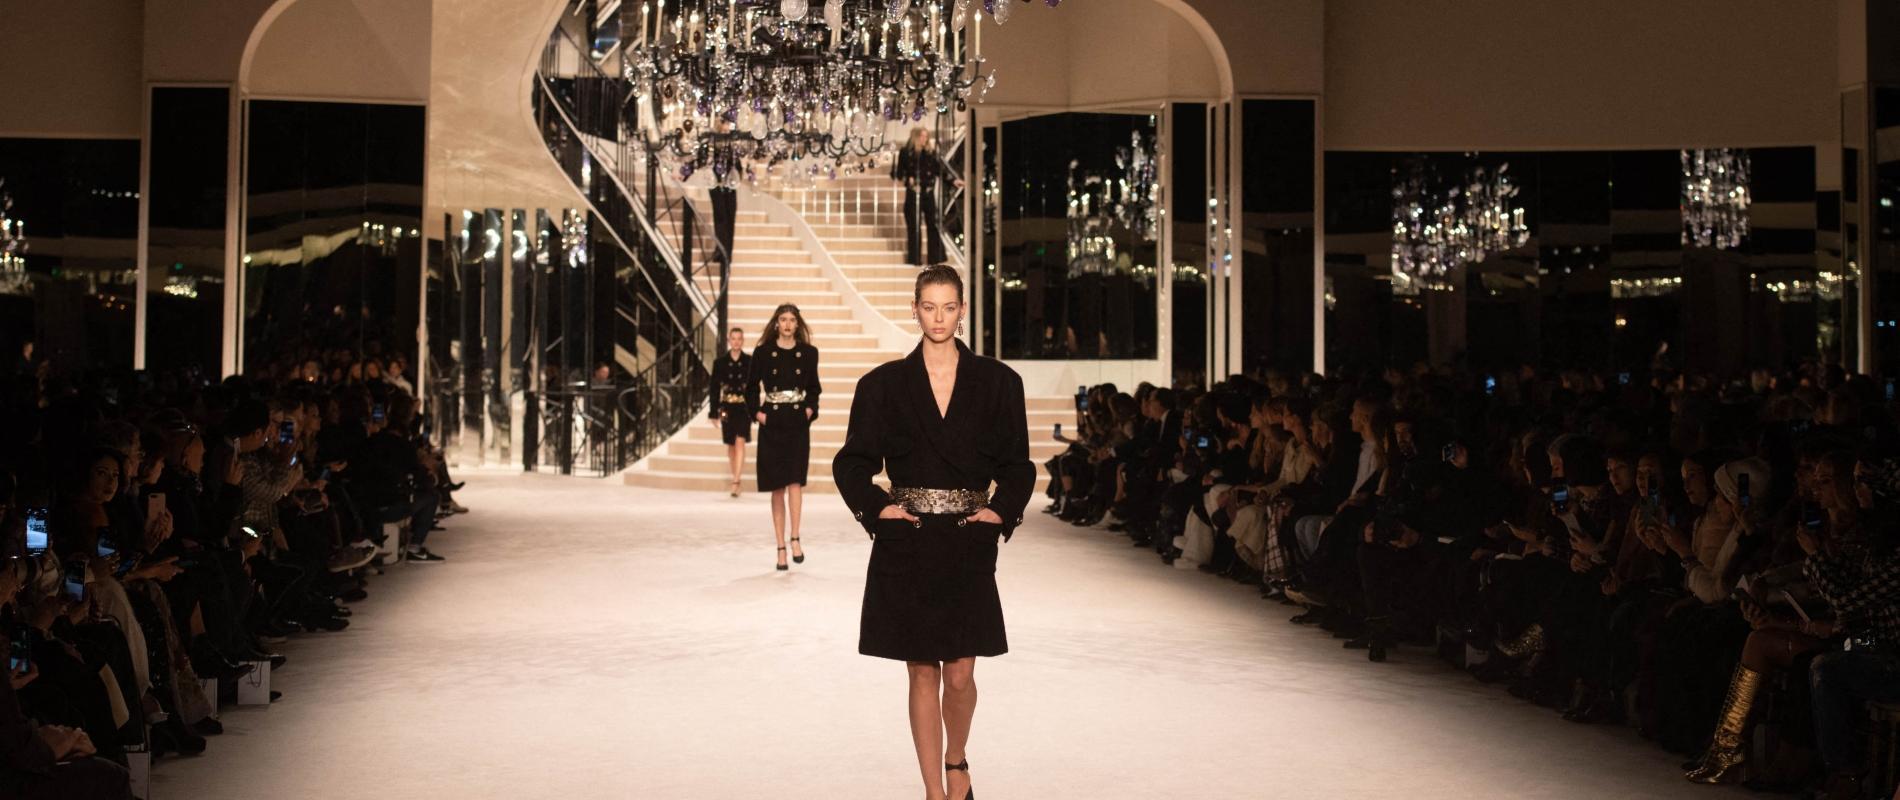 L'esprit de Mademoiselle irradie dans la collection Chanel Métiers d'art